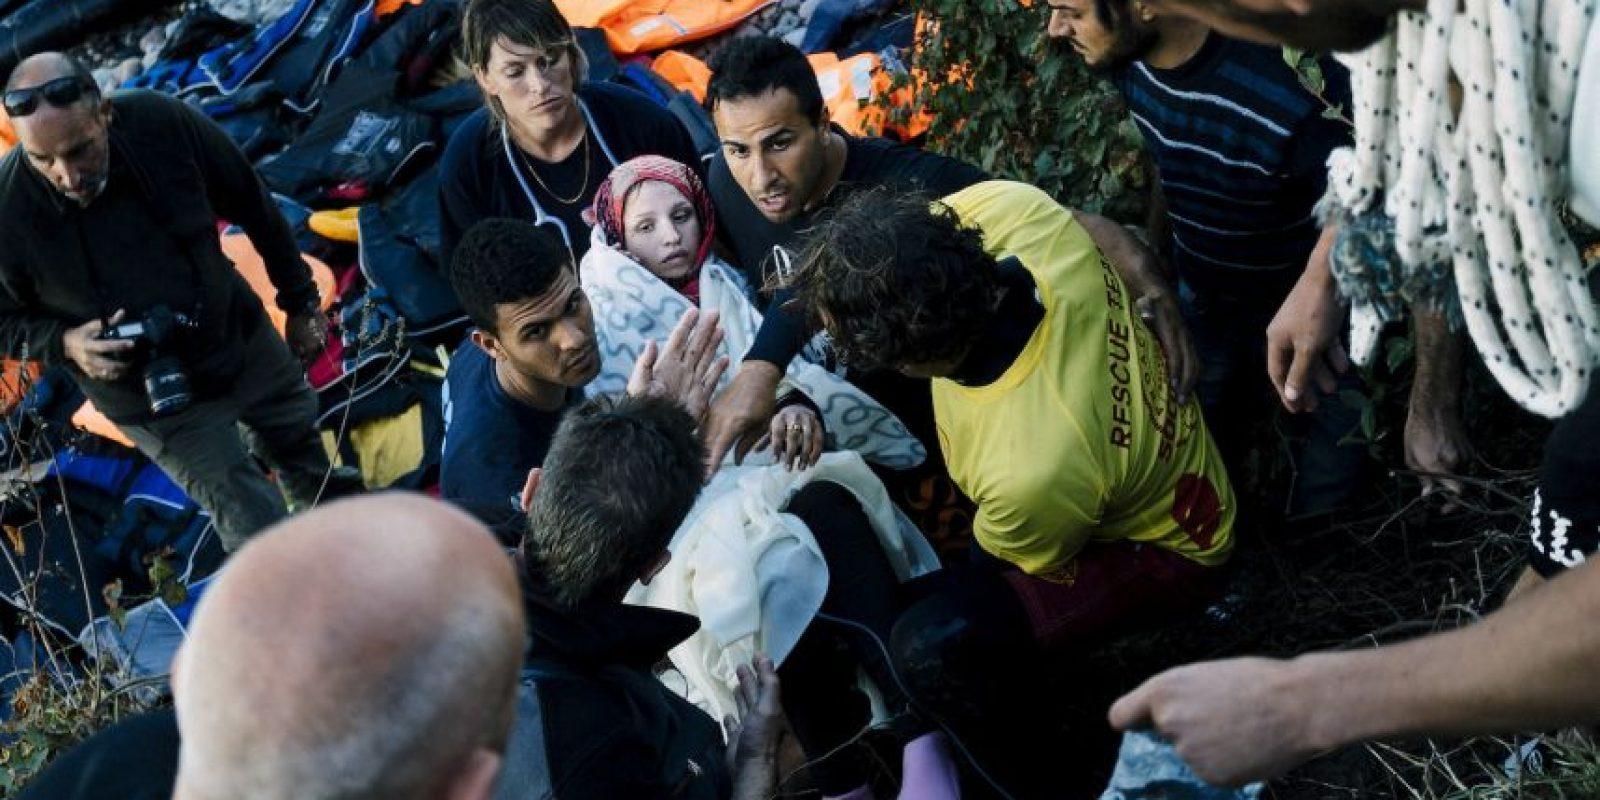 Paramédicos y voluntarios ayudaron a trasladar a la mujer a un sitio más seguro. Foto:AFP